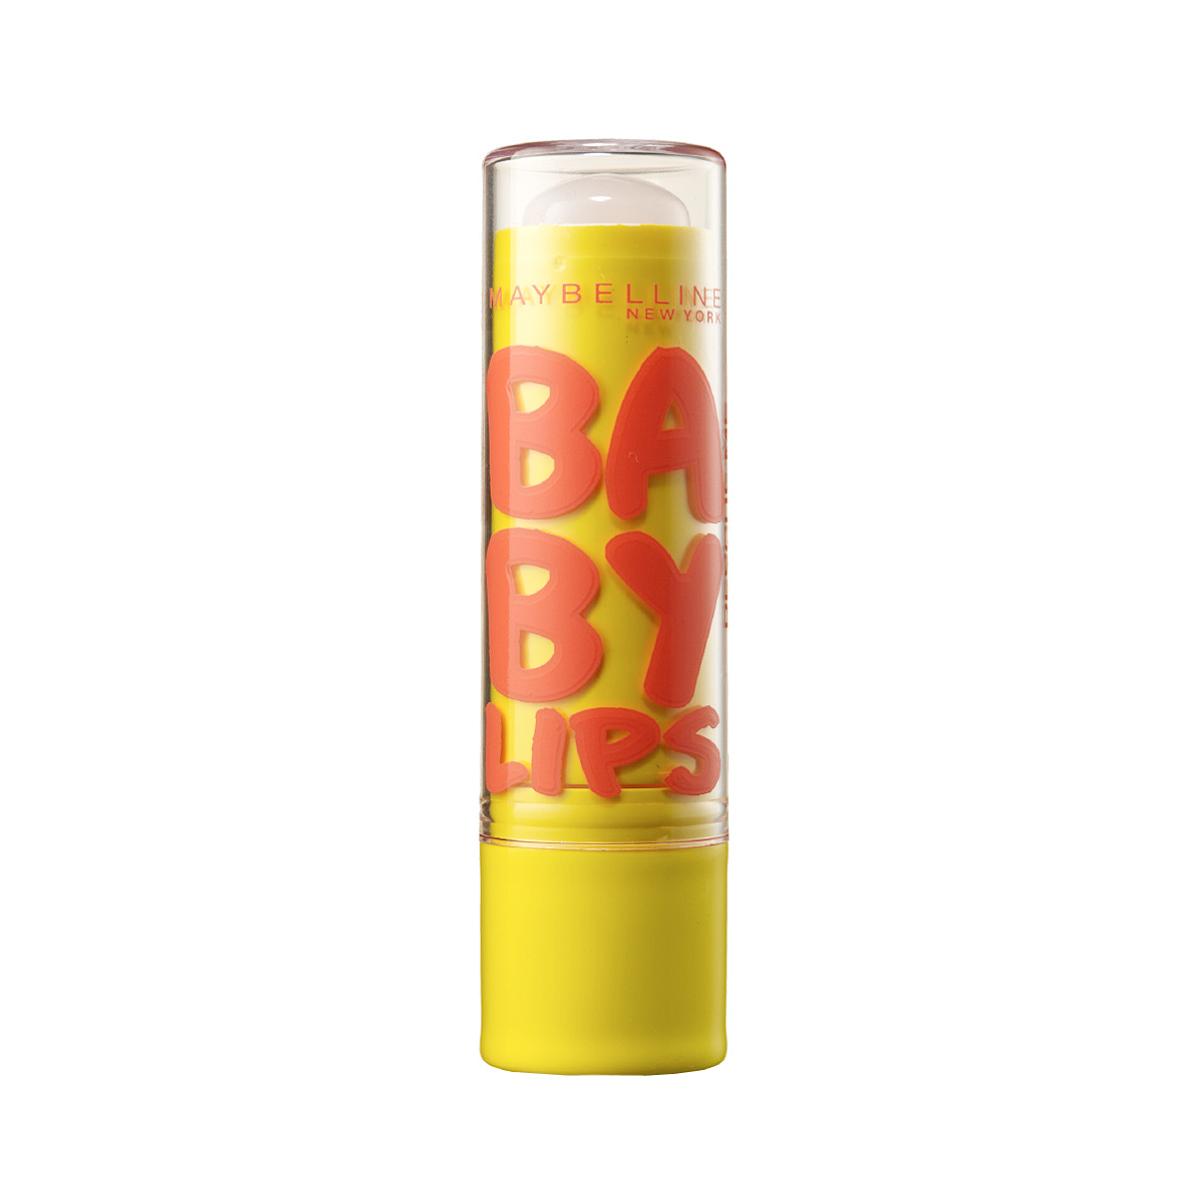 Maybelline New York Бальзам для губ Baby Lips, Бережный уход, для чувствительной кожи губ, восстанавливающий и увлажняющий, бесцветный с запахом, 1,78 млYRU02354Бальзам c нежным ароматом вишни и миндаля.Ухаживает за чувствительной кожей губ. Прекрасно увлажняет, не оставляя липкой пленки. Твои губы обретают естественный блеск.